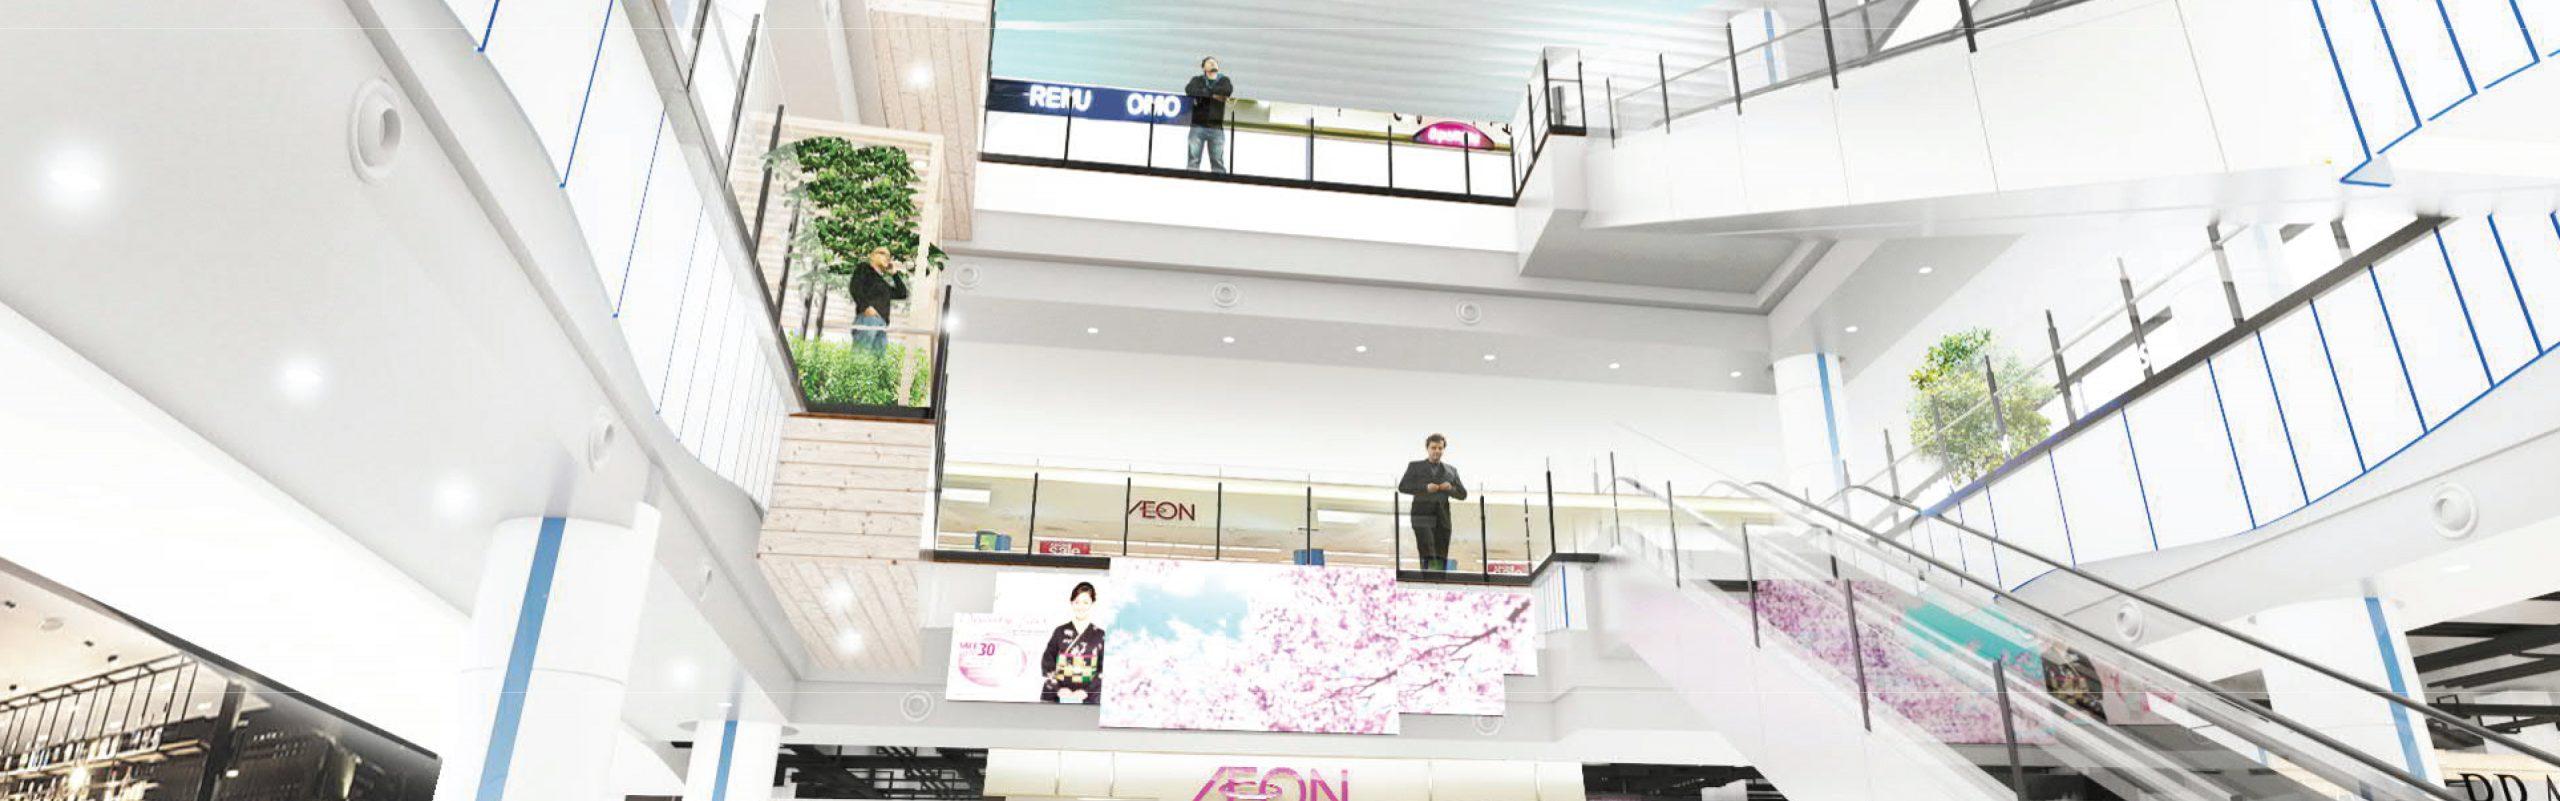 Cho thuê màn hình điện tử, màn hình LED quảng cáo AEON MALL Hải Phòng Lê Chân